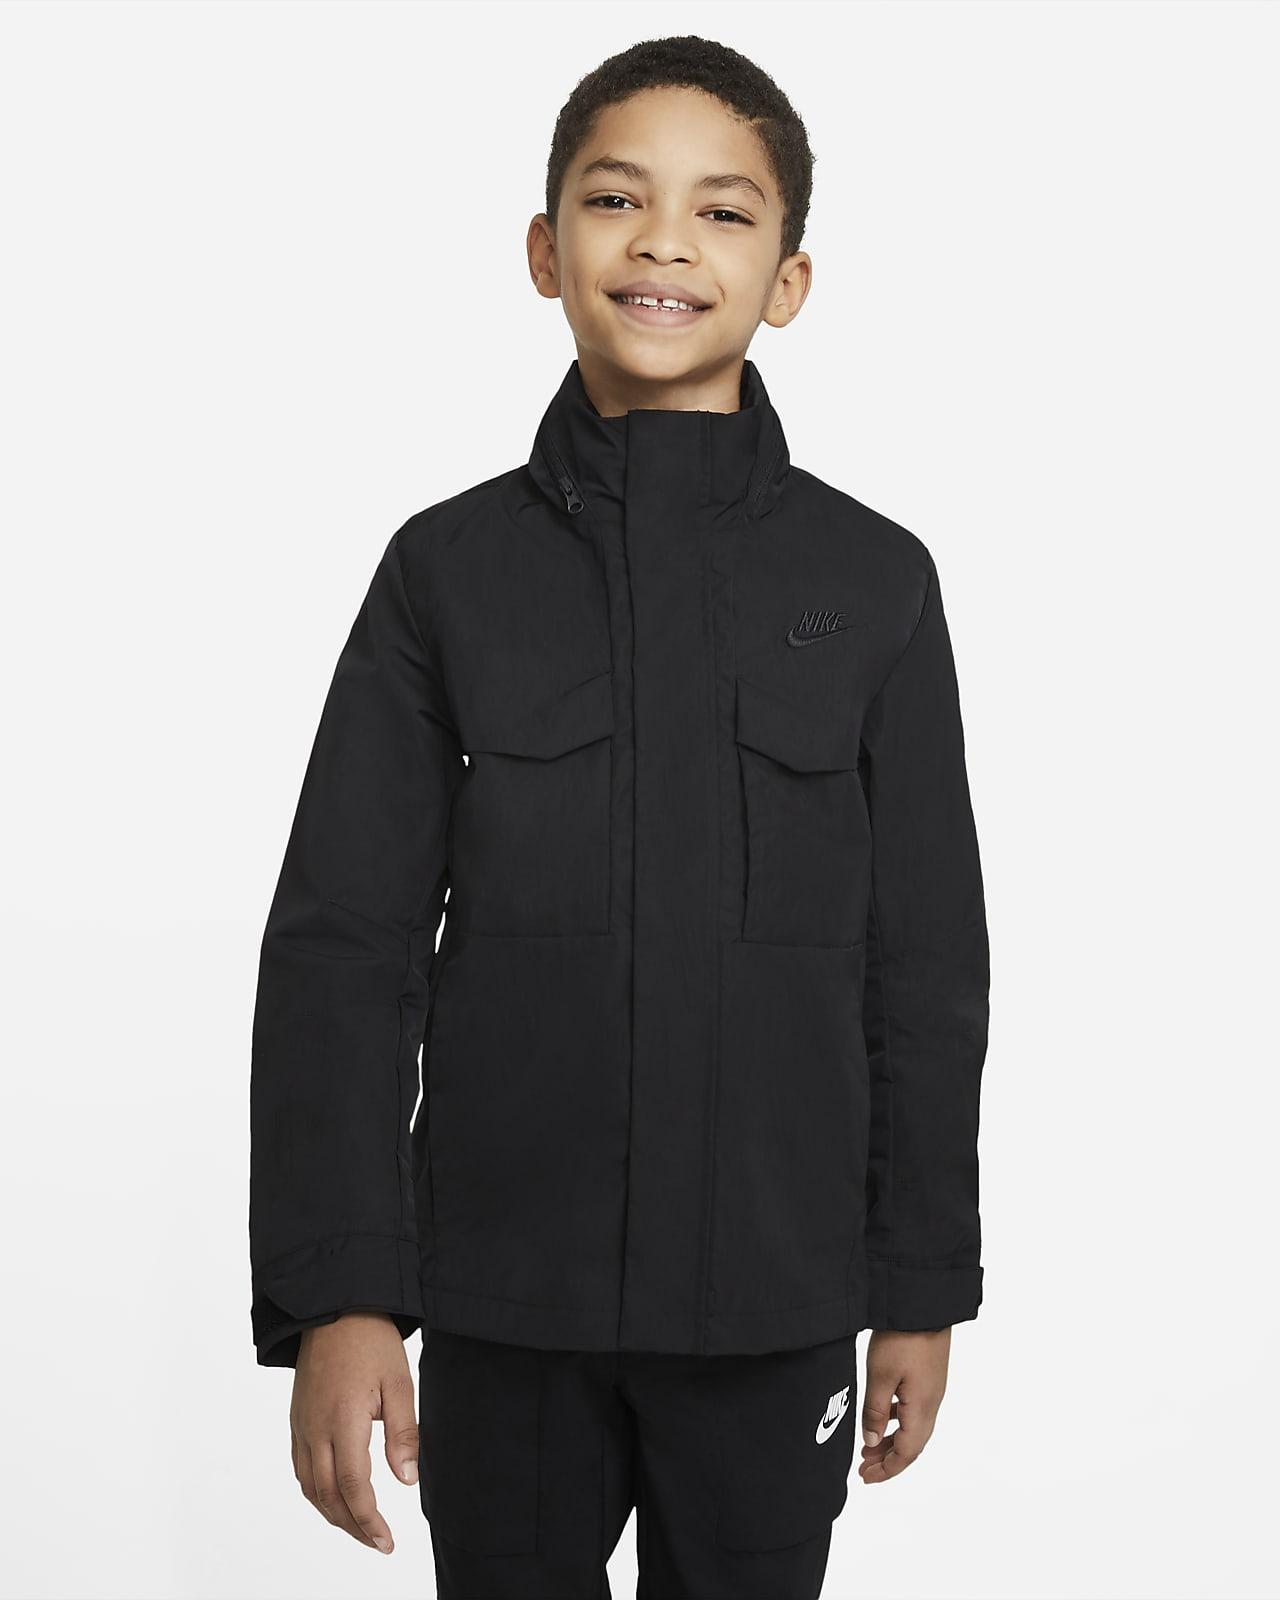 Nike Sportswear Big Kids' (Boys') M65 Field Jacket